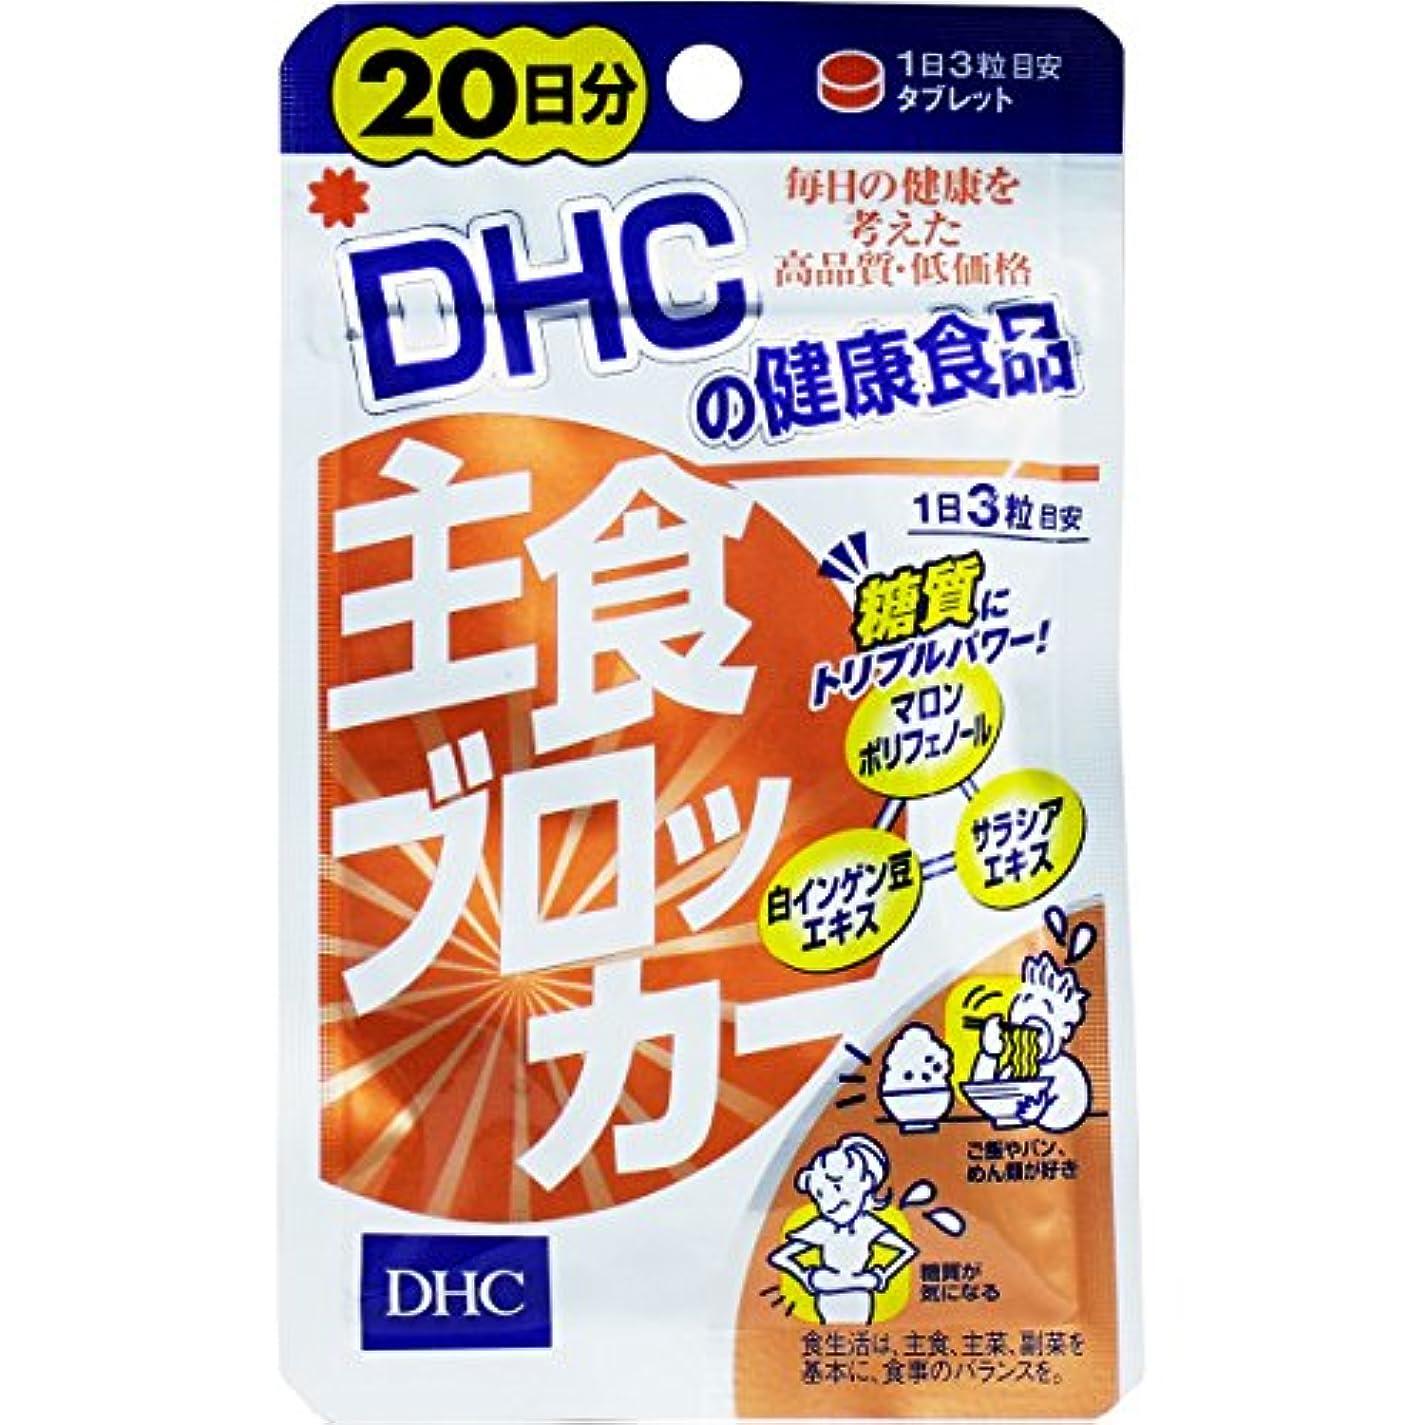 マーティフィールディング優越冒険DHC 主食ブロッカー 20日分 60粒(12g) ×4個セット